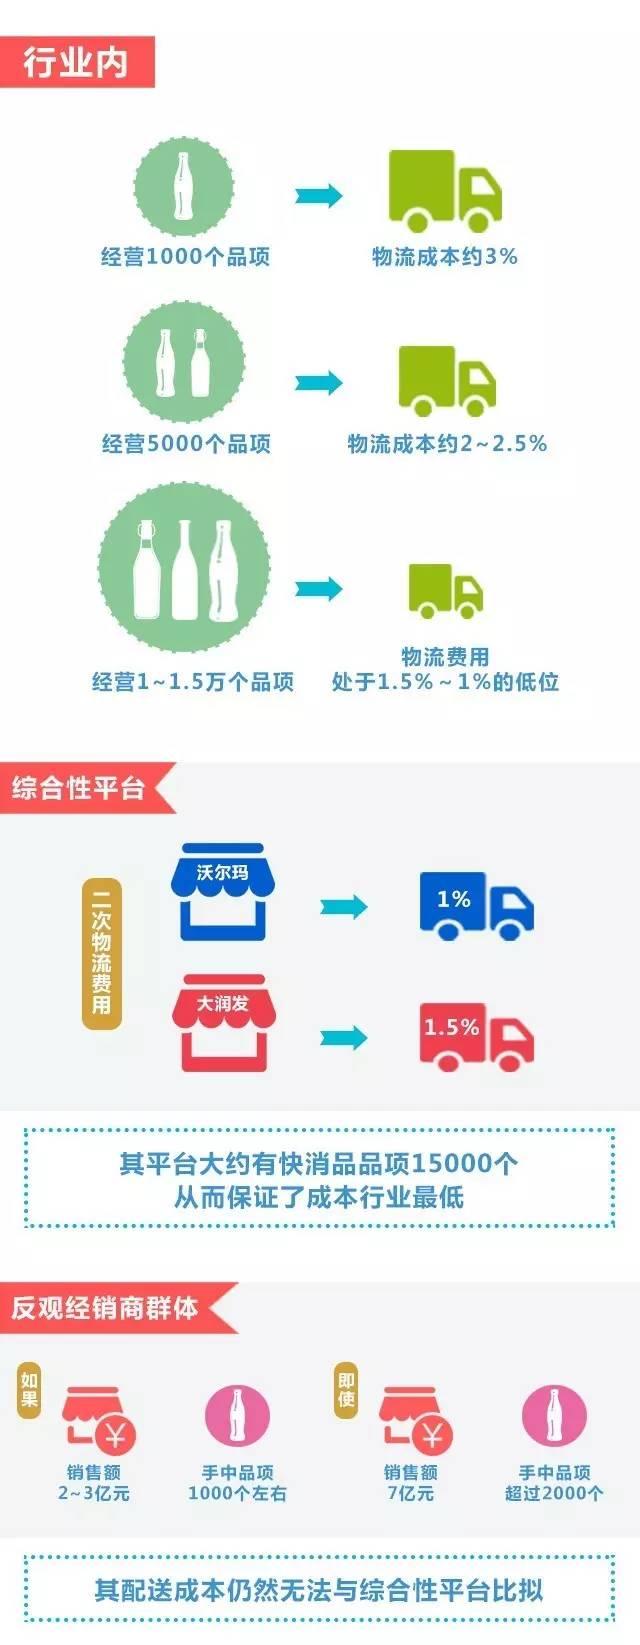 益海嘉里:搭建新零售背景下全渠道智慧物流公共平台